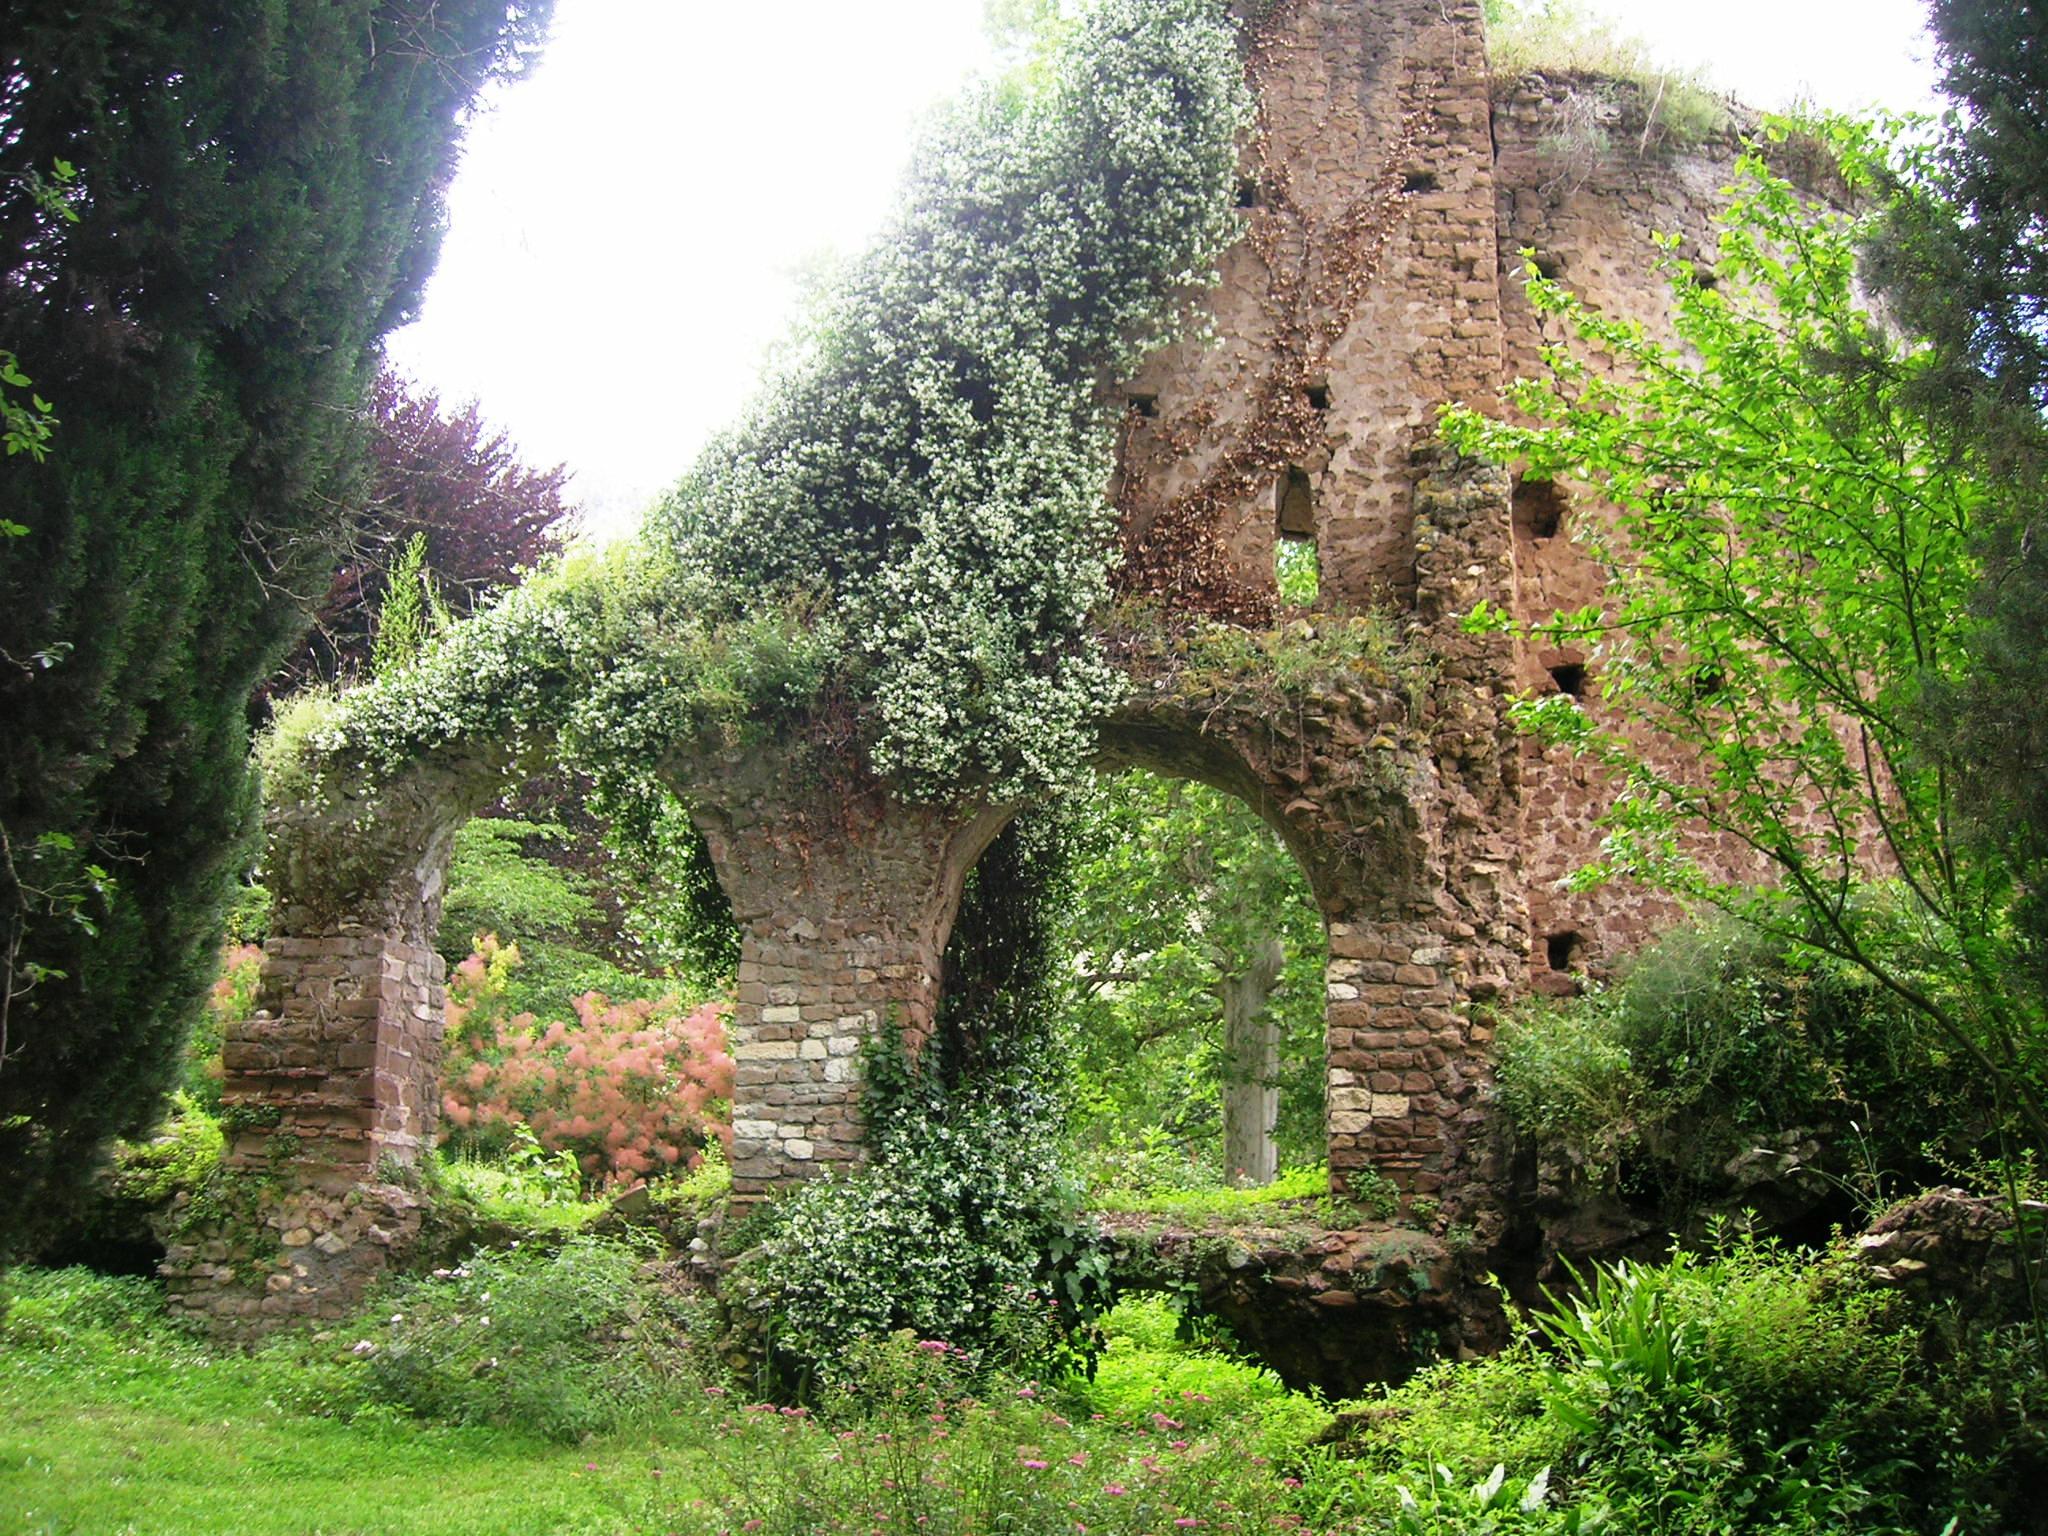 giardino-di-ninfa-31